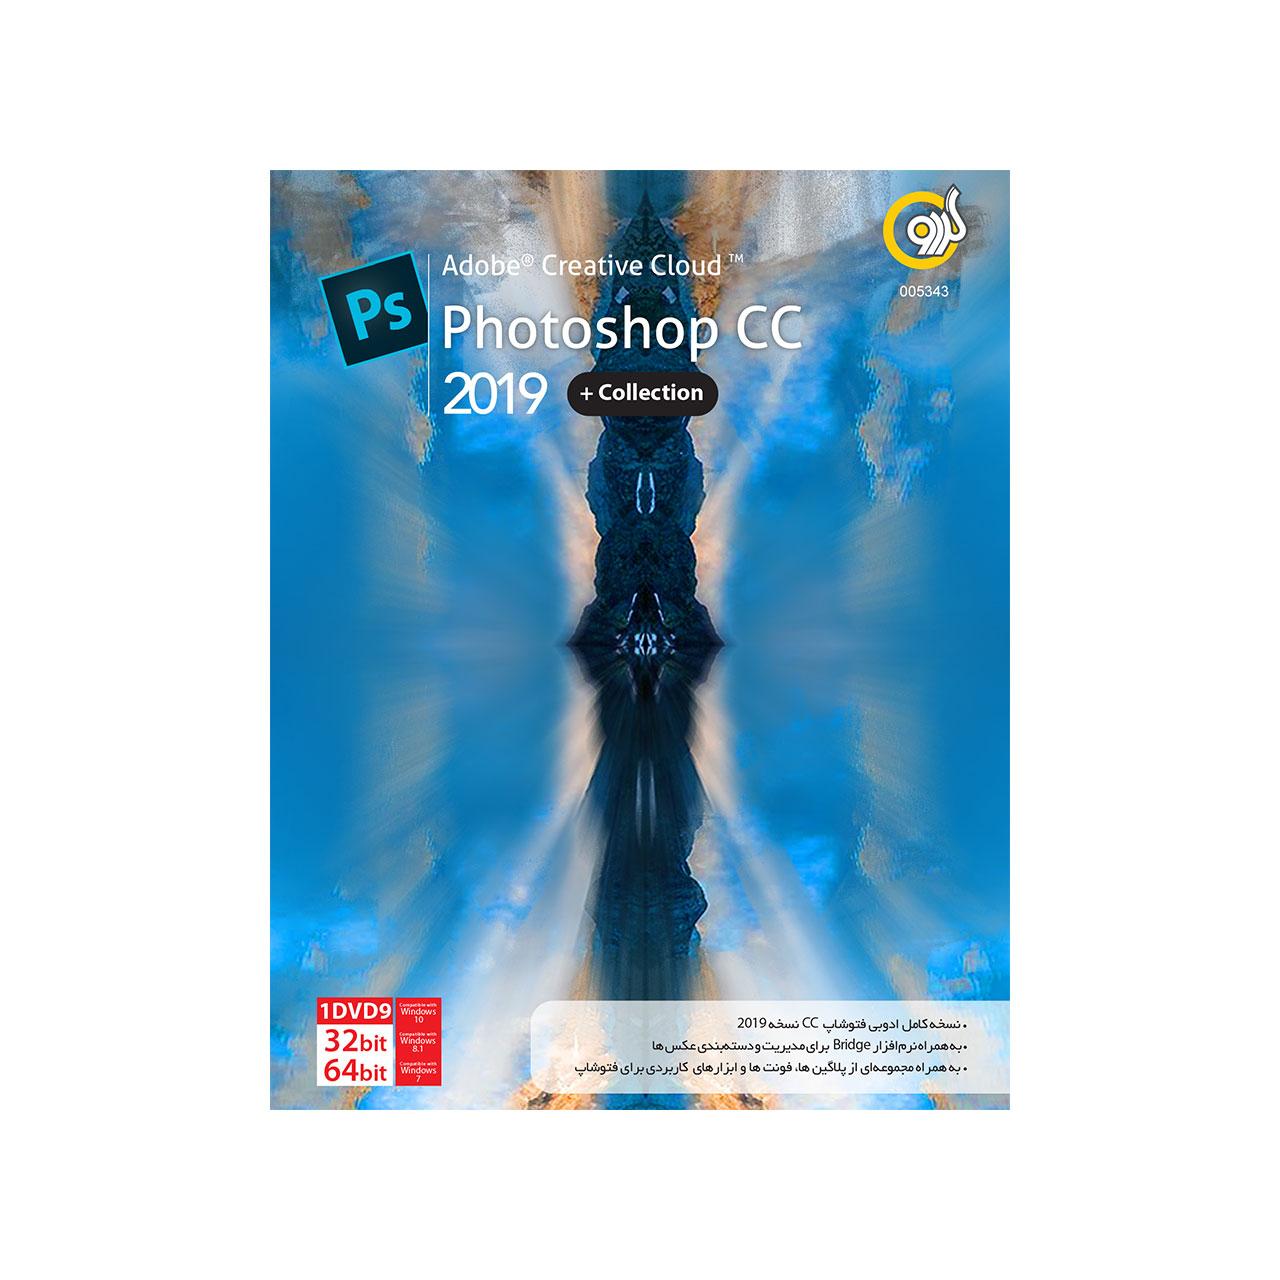 نرم افزار گردو Adobe Photoshop CC 2019 + Collection به همراه Bridge